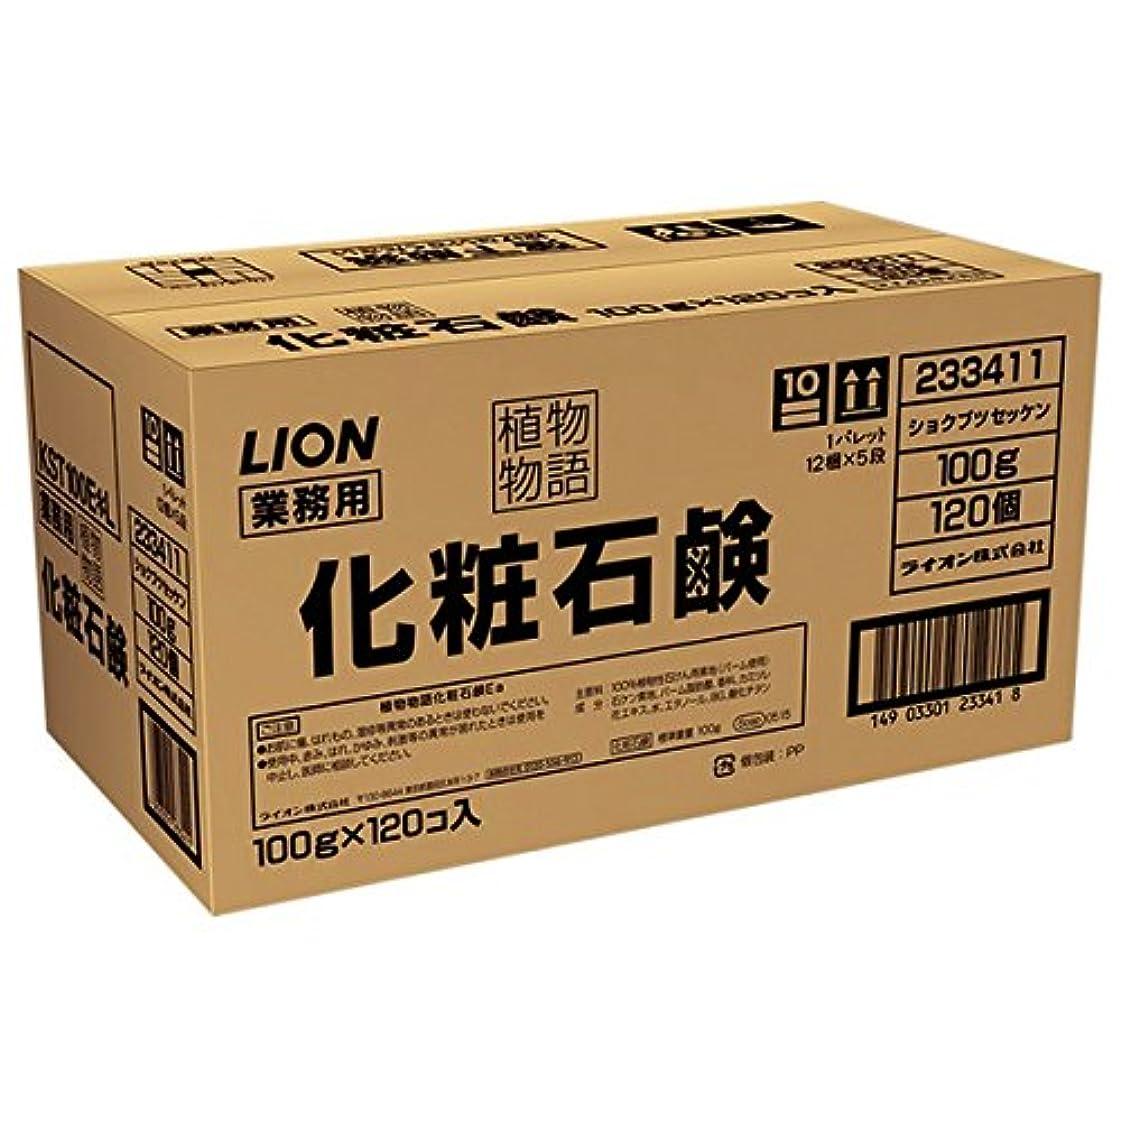 憲法酸っぱいデンマーク語ライオン 植物物語 化粧石鹸 業務用 100g 1箱(120個)